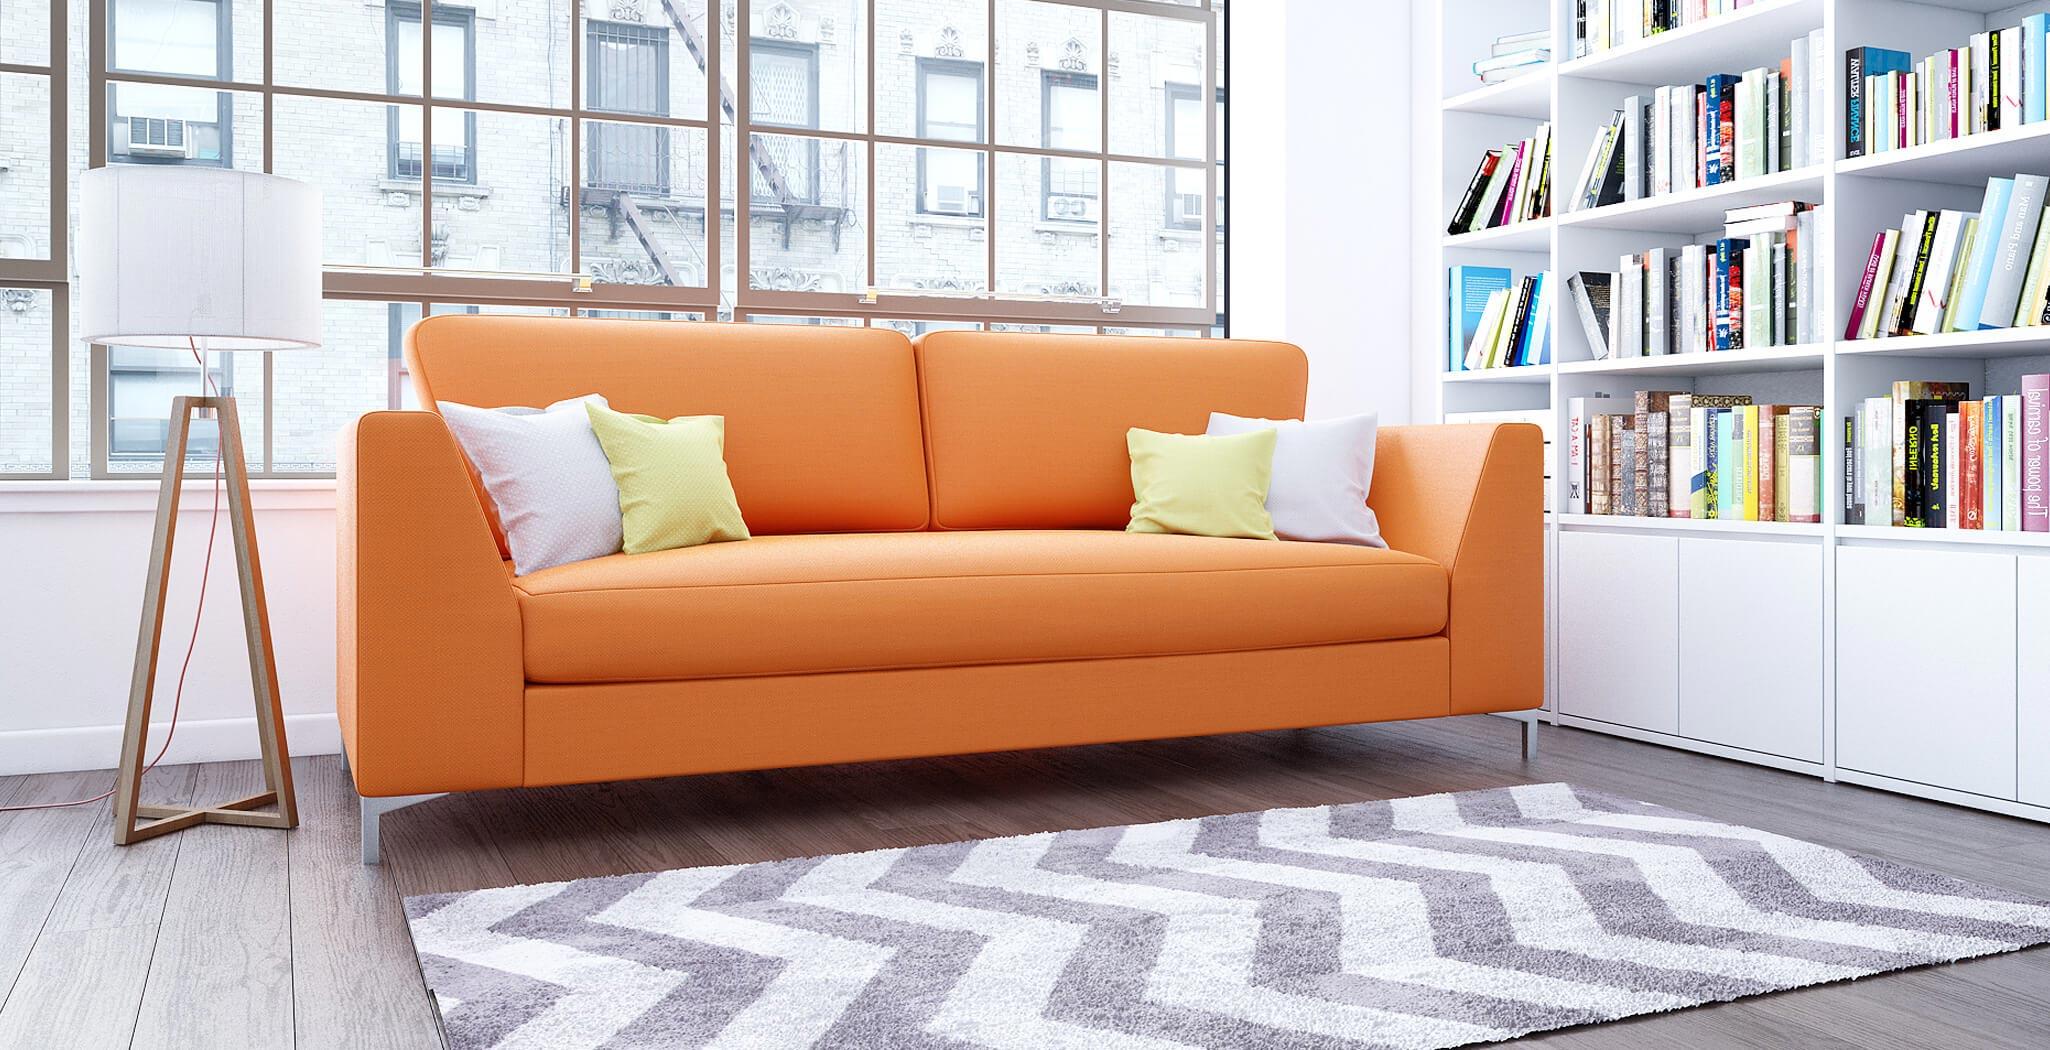 royal sofa furniture gallery 1